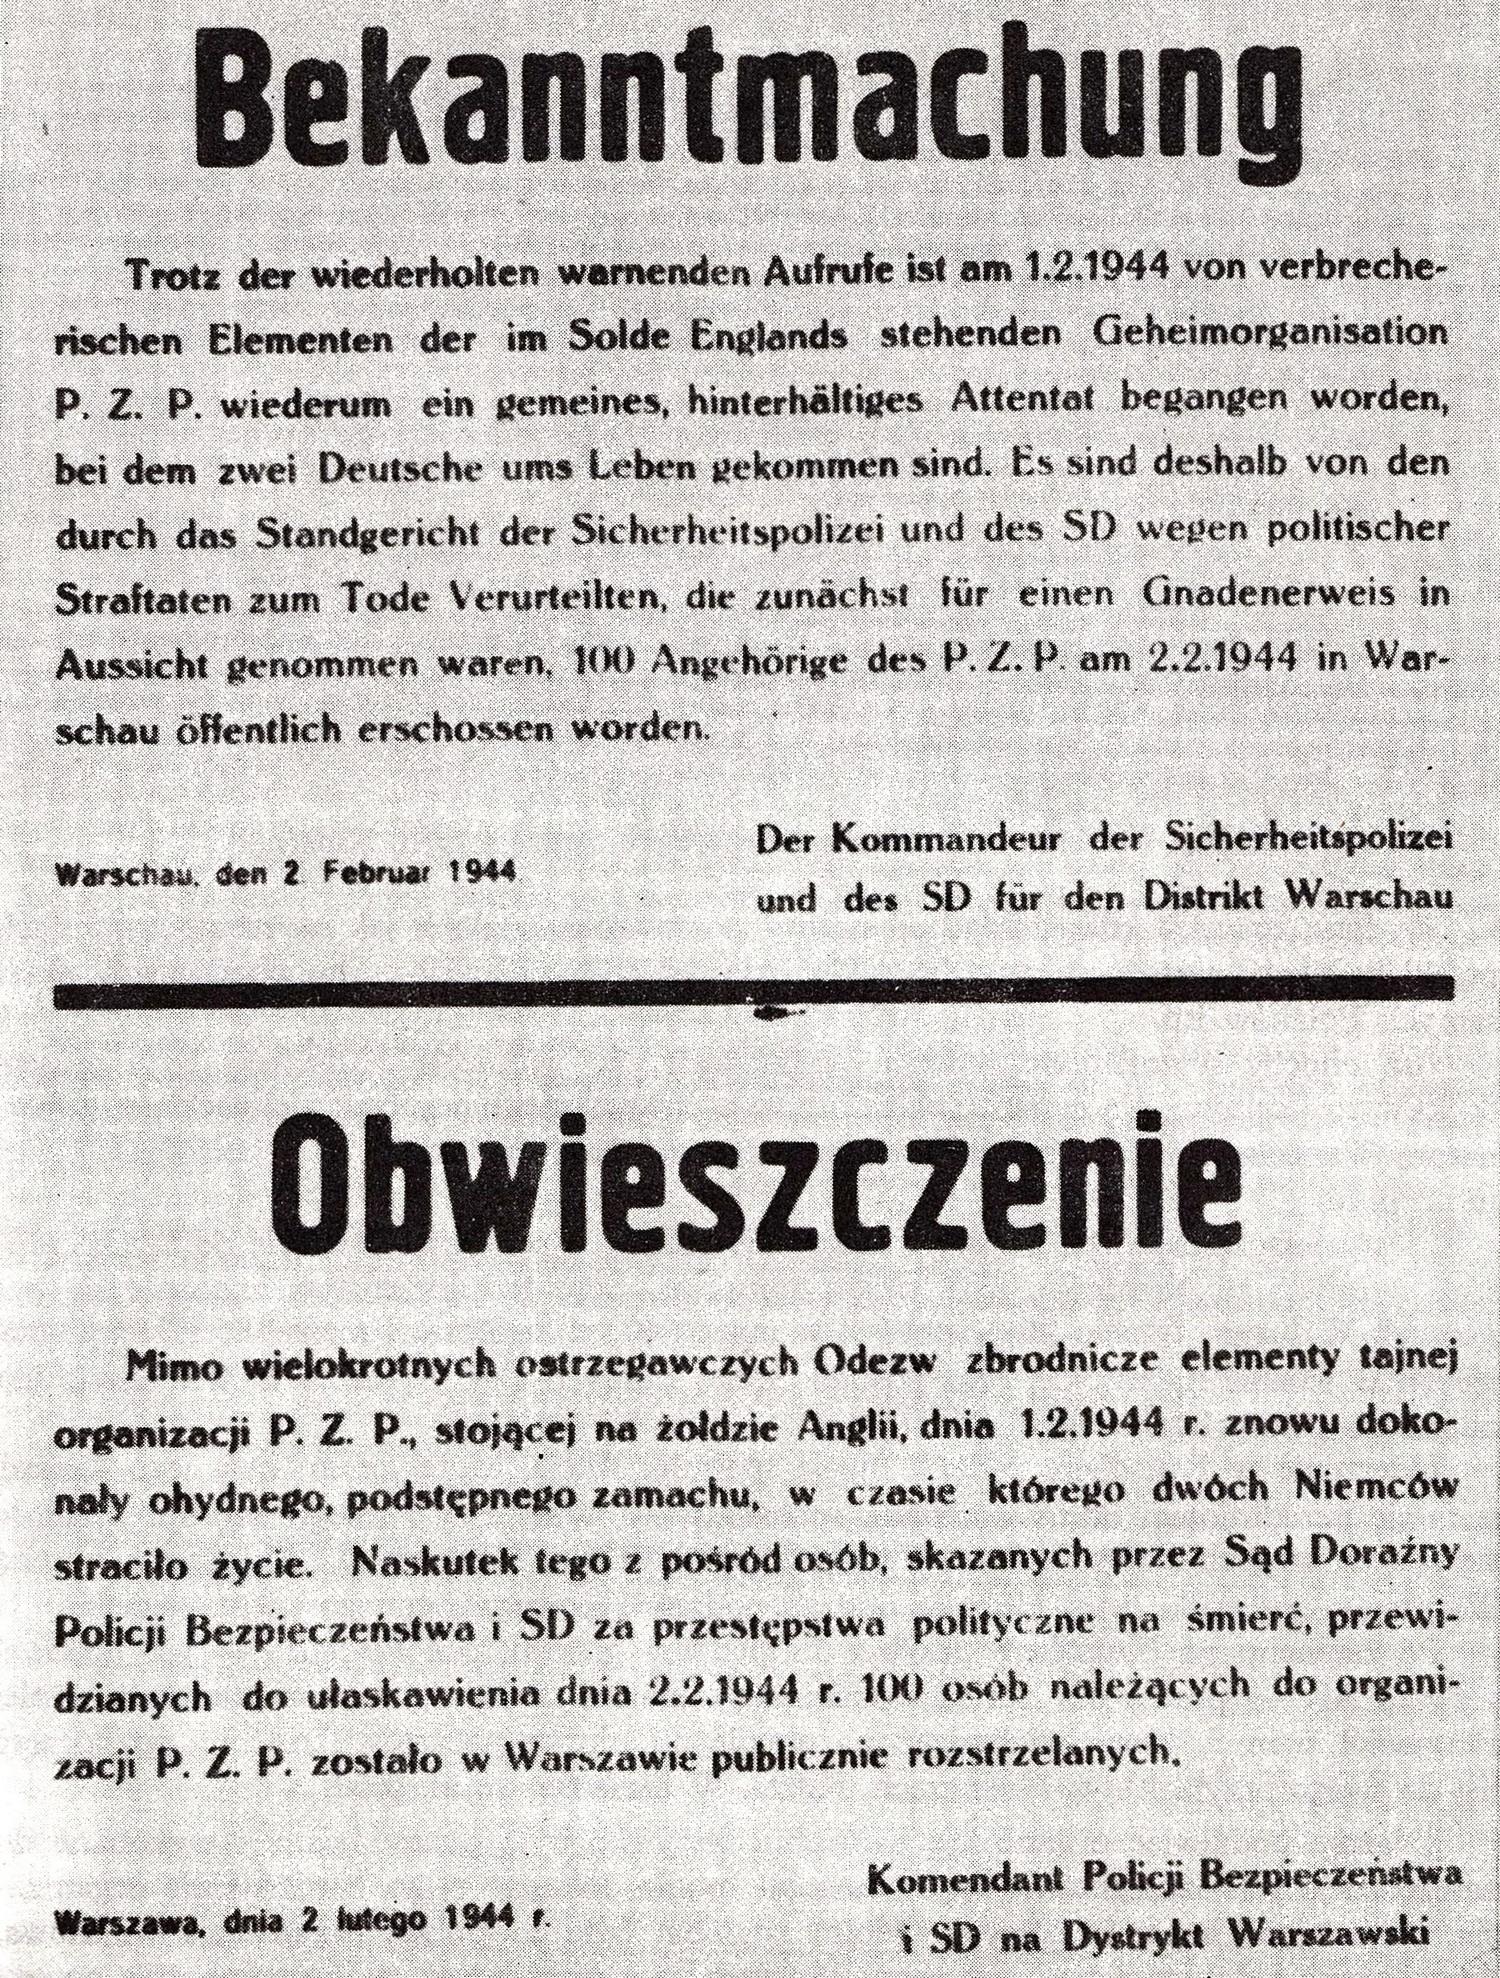 Obwieszczenie informujące o straceniu 100 polskich zakładników w dniu 2 lutego 1944 roku.